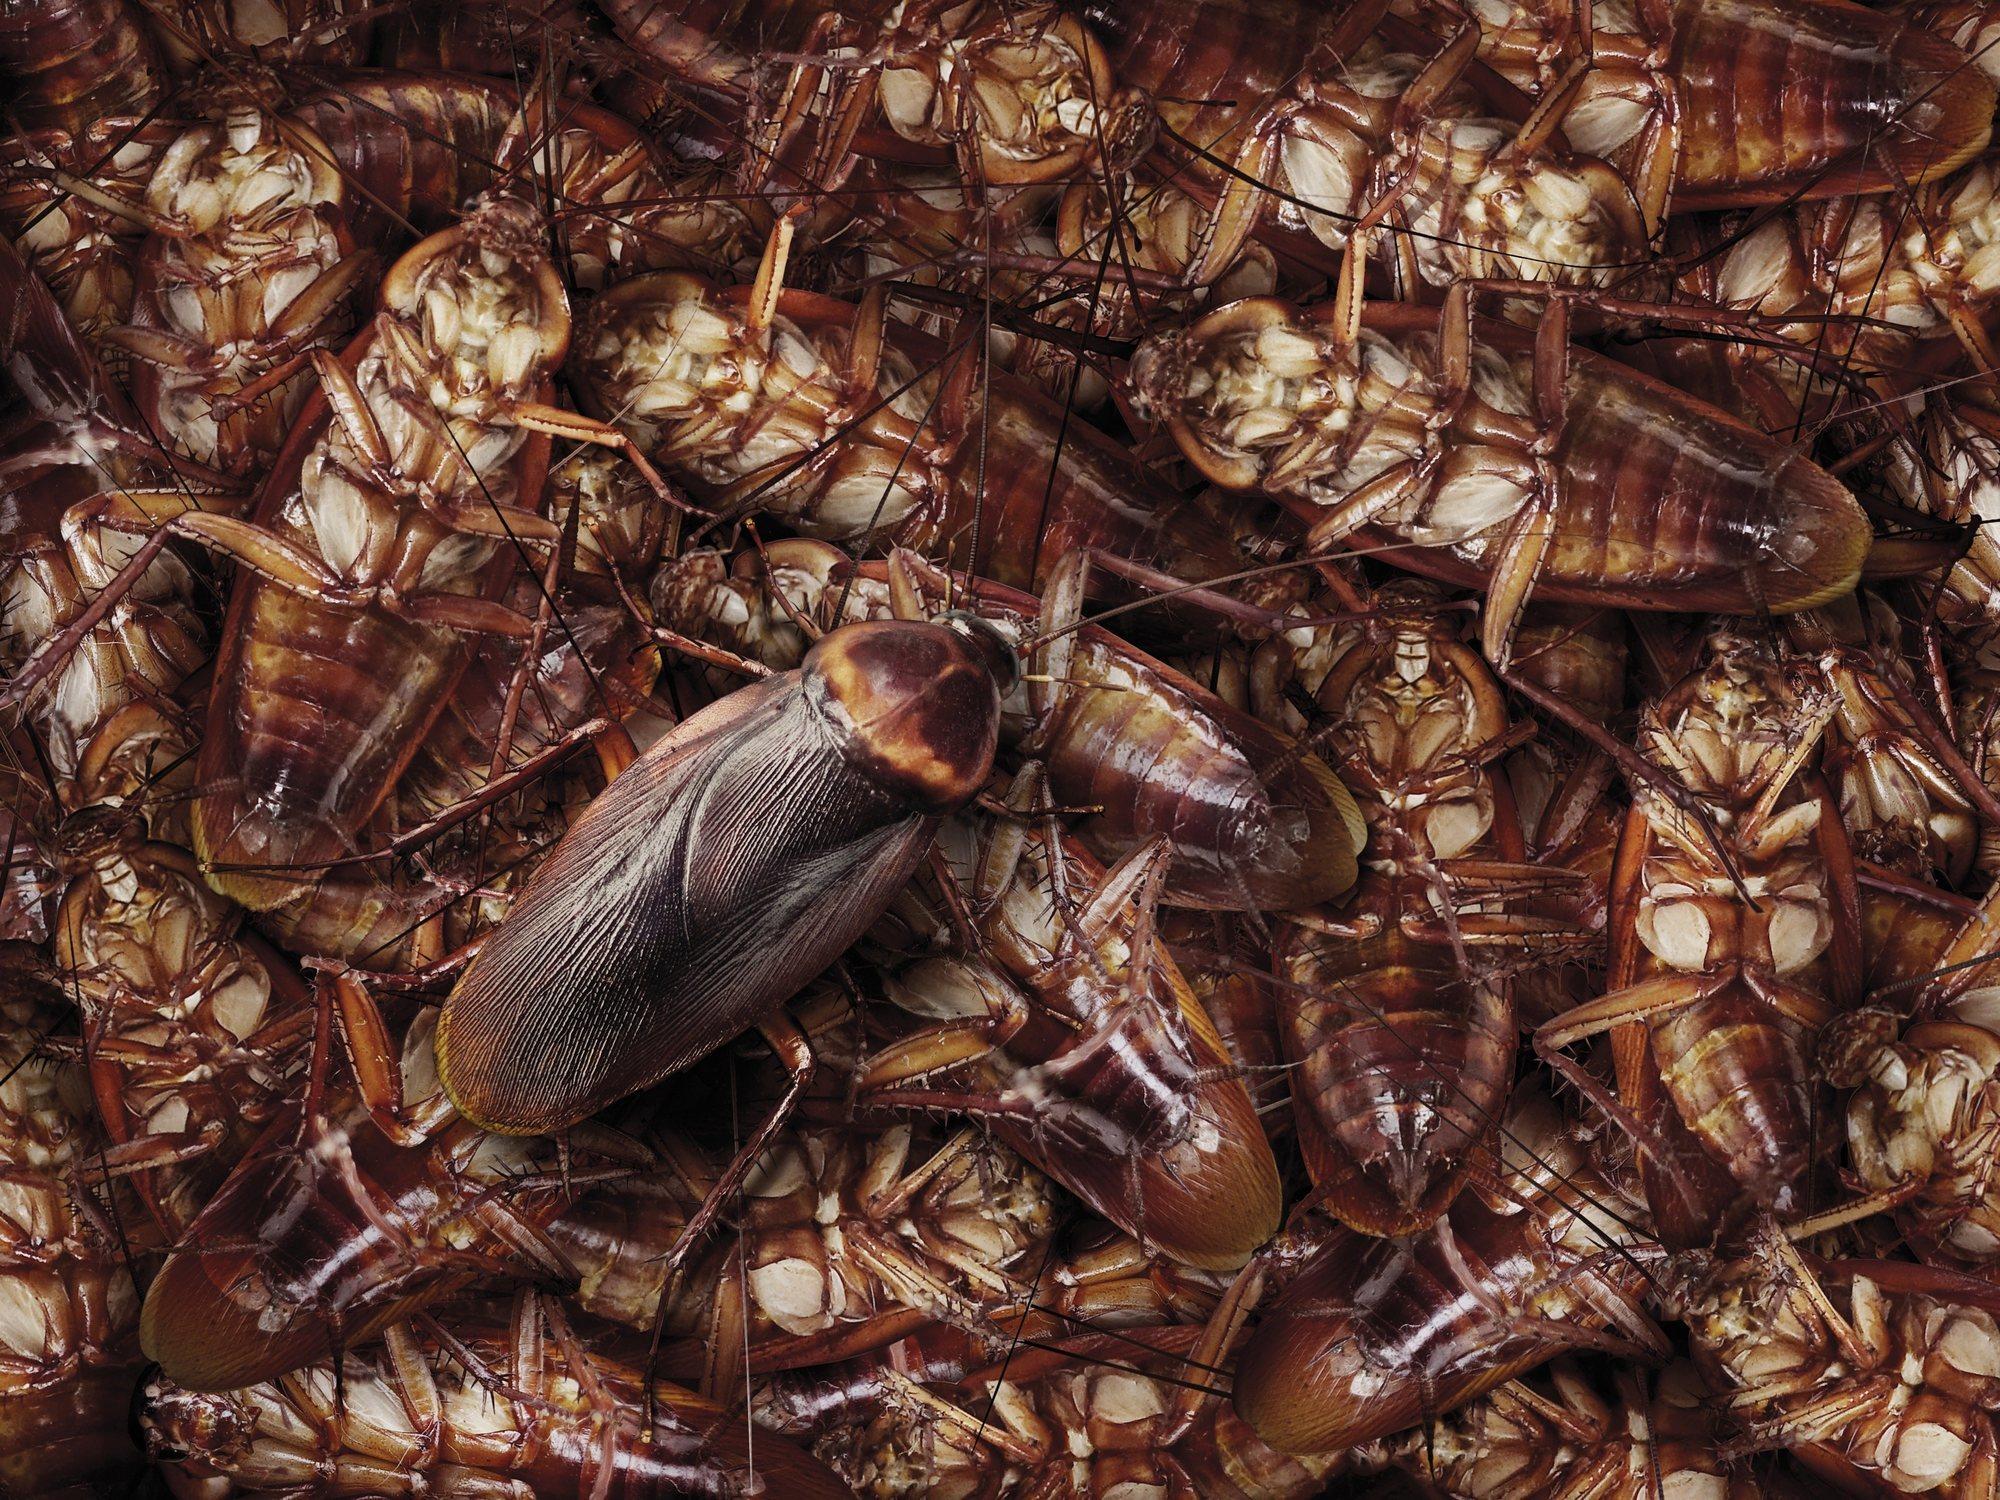 Las cucarachas se están volviendo invencibles y muy pronto será imposible acabar con ellas